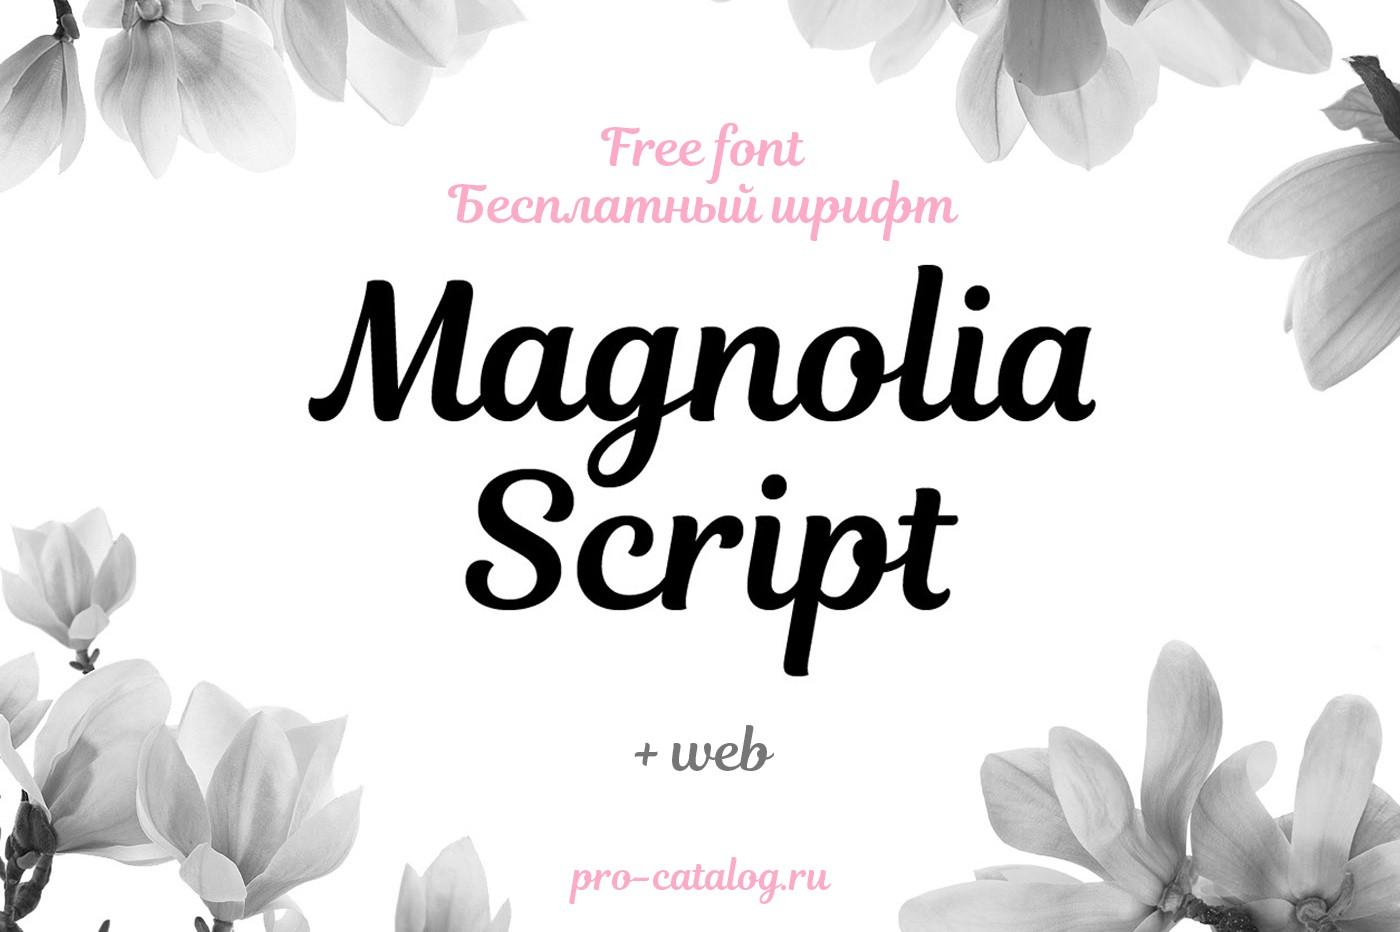 Бесплатный шрифт Magnolia с кириллицей скачать